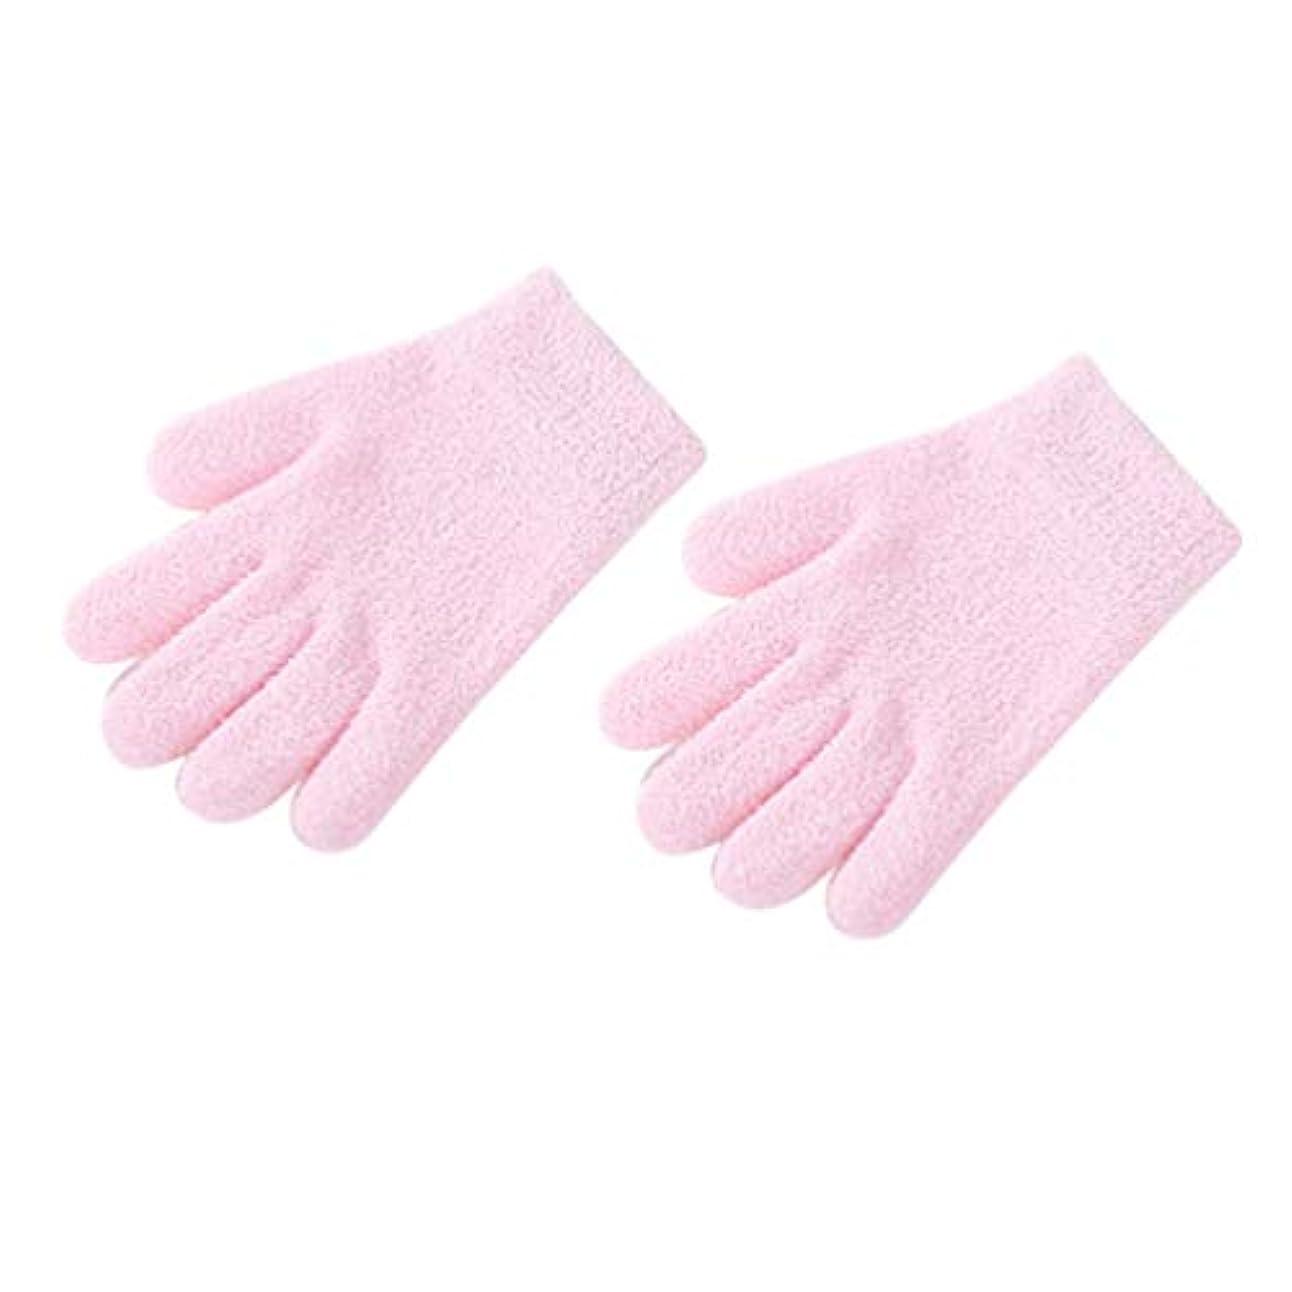 戦い若い貼り直すHealifty 美容用保湿手袋スキンケア手袋(ピンク)